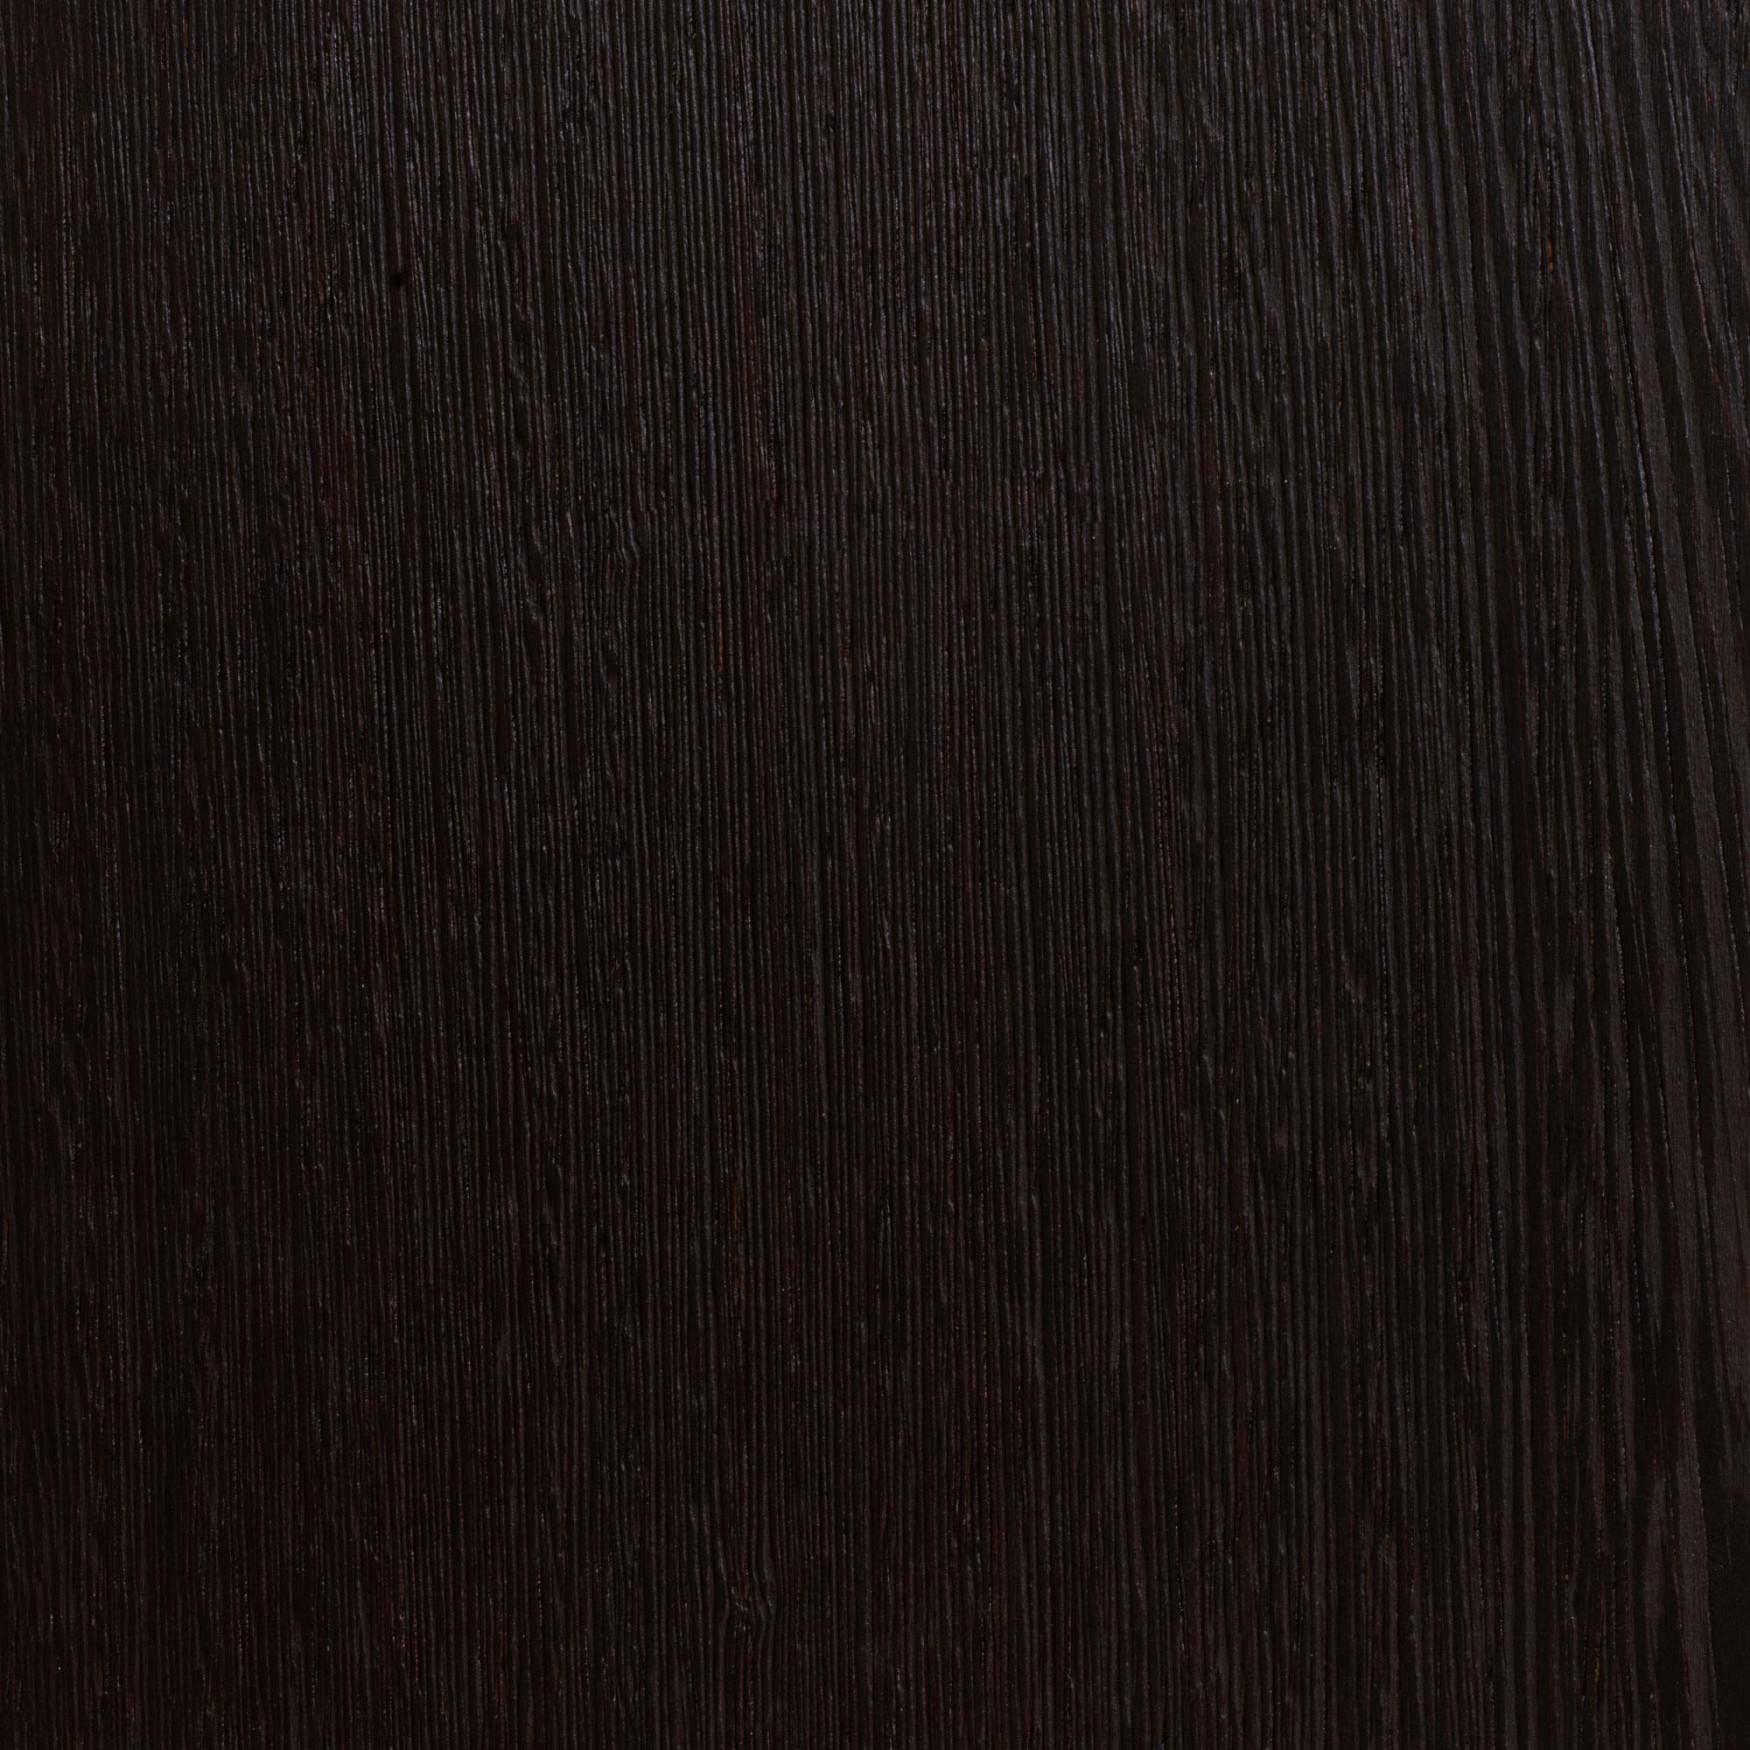 Element7-wide-plank-samples-Black-Wenge-Brushed